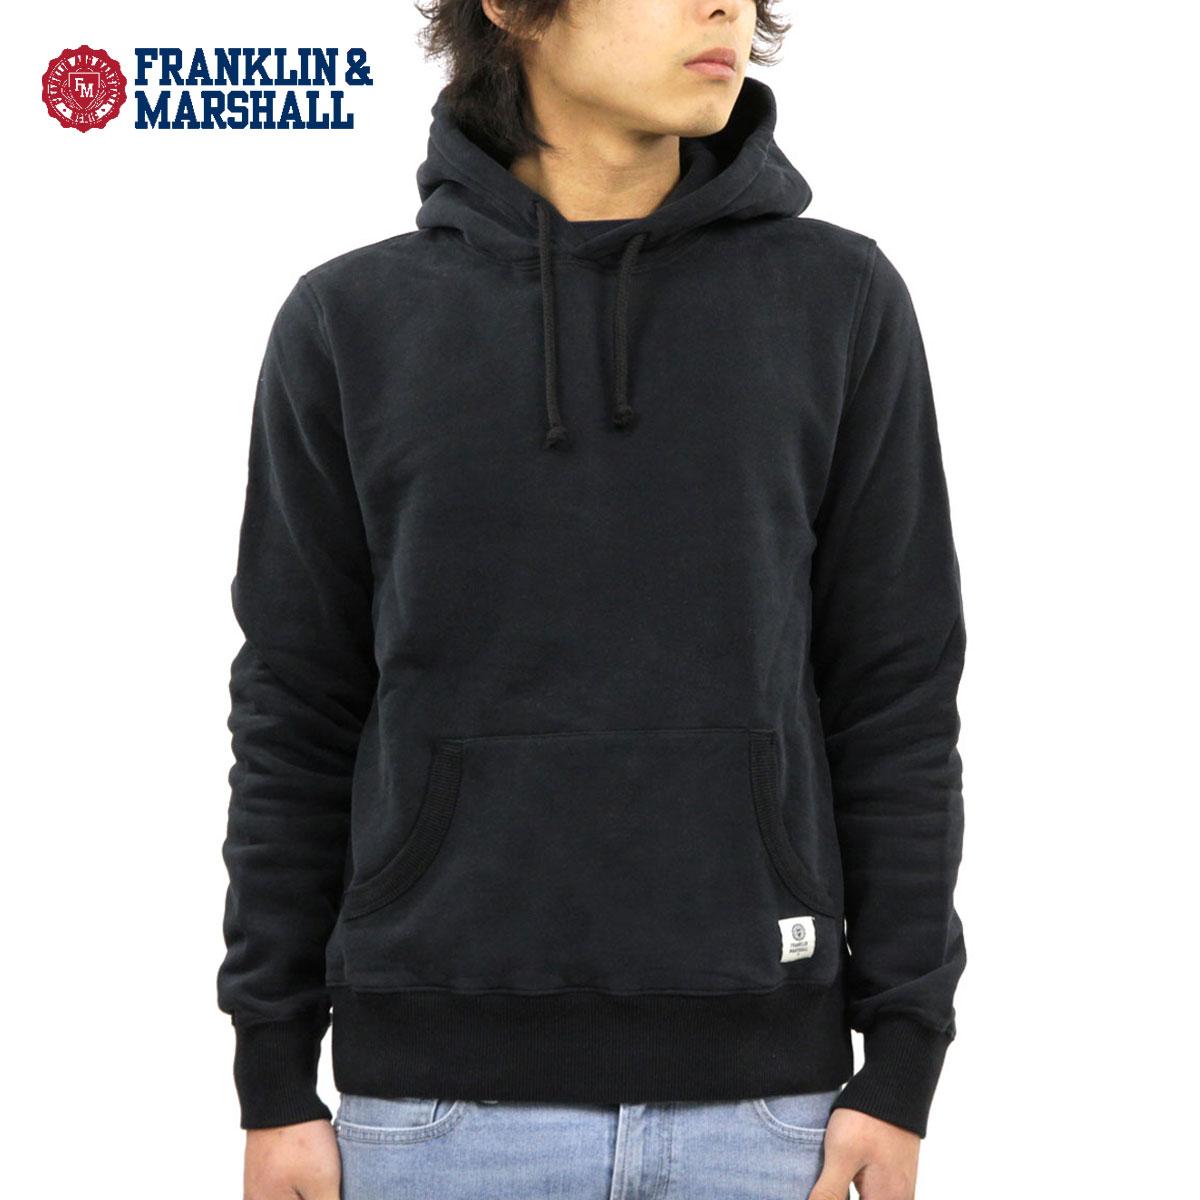 フランクリン マーシャル パーカー メンズ 正規販売店 FRANKLIN&MARSHALL プルオーバーパーカー PULLOVER HOODIE 021 FLMF066AN 0021